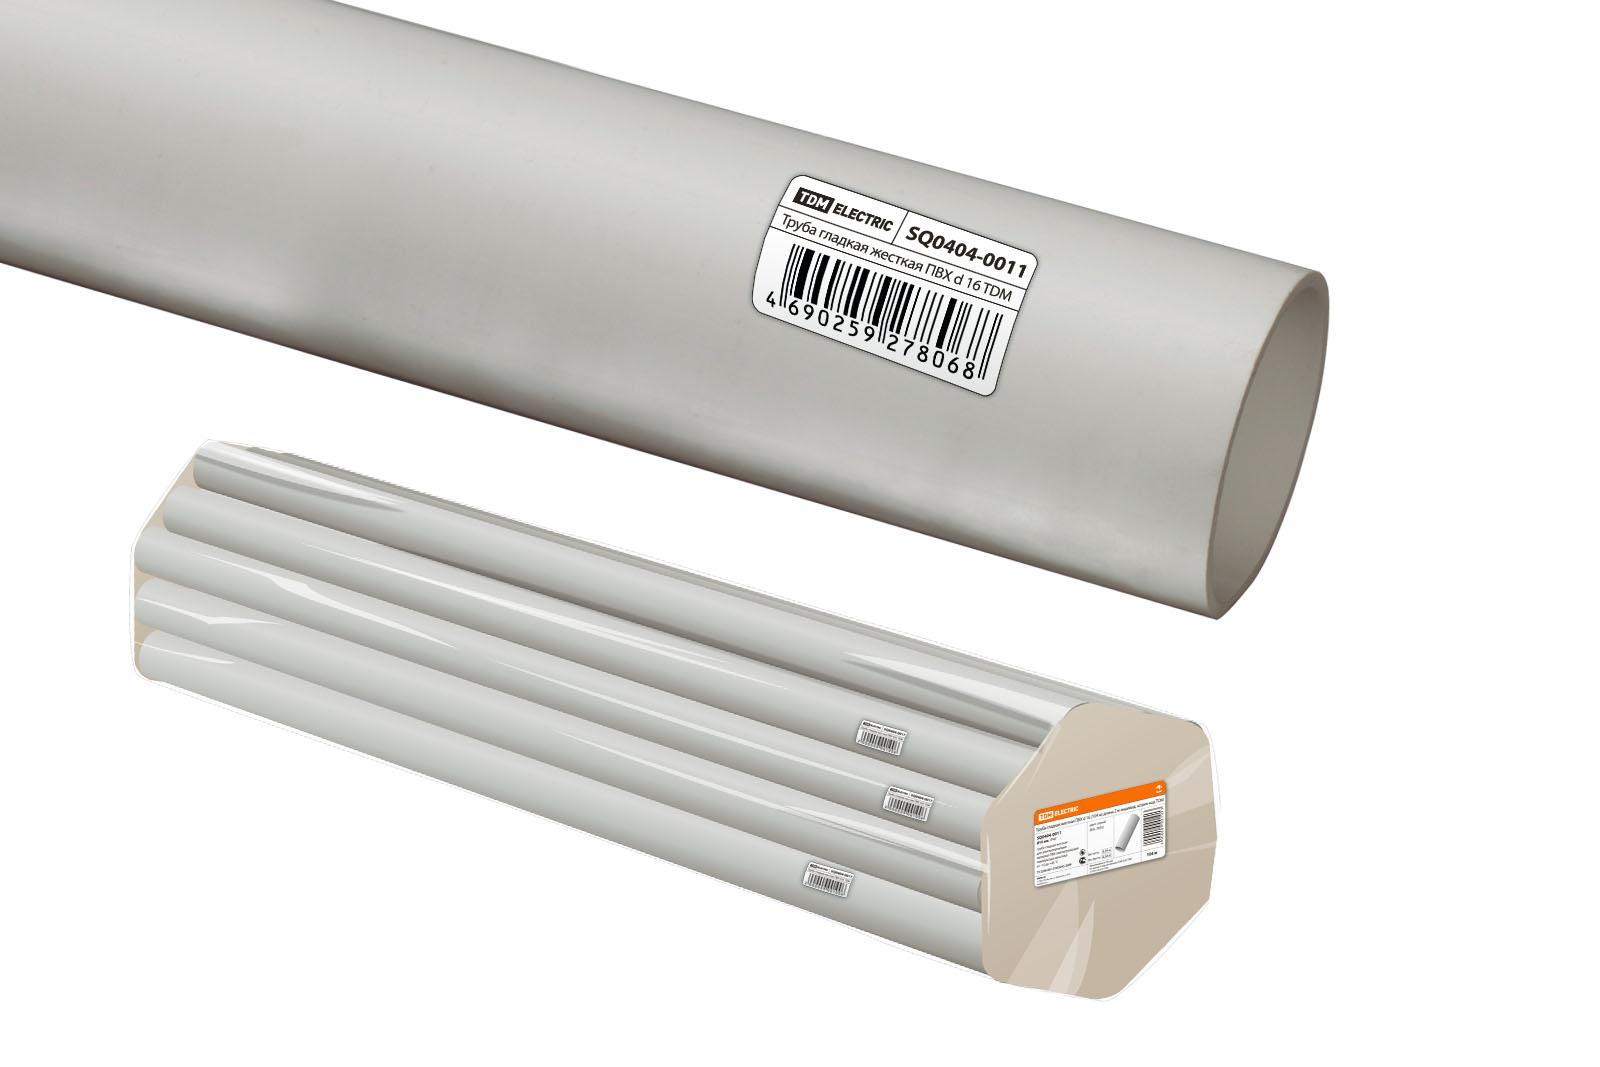 Труба гладкая жесткая ПВХ d 16 (104 м) длина 2 м индивид. штрихкод TDM SQ0404-0011 TDM Electric